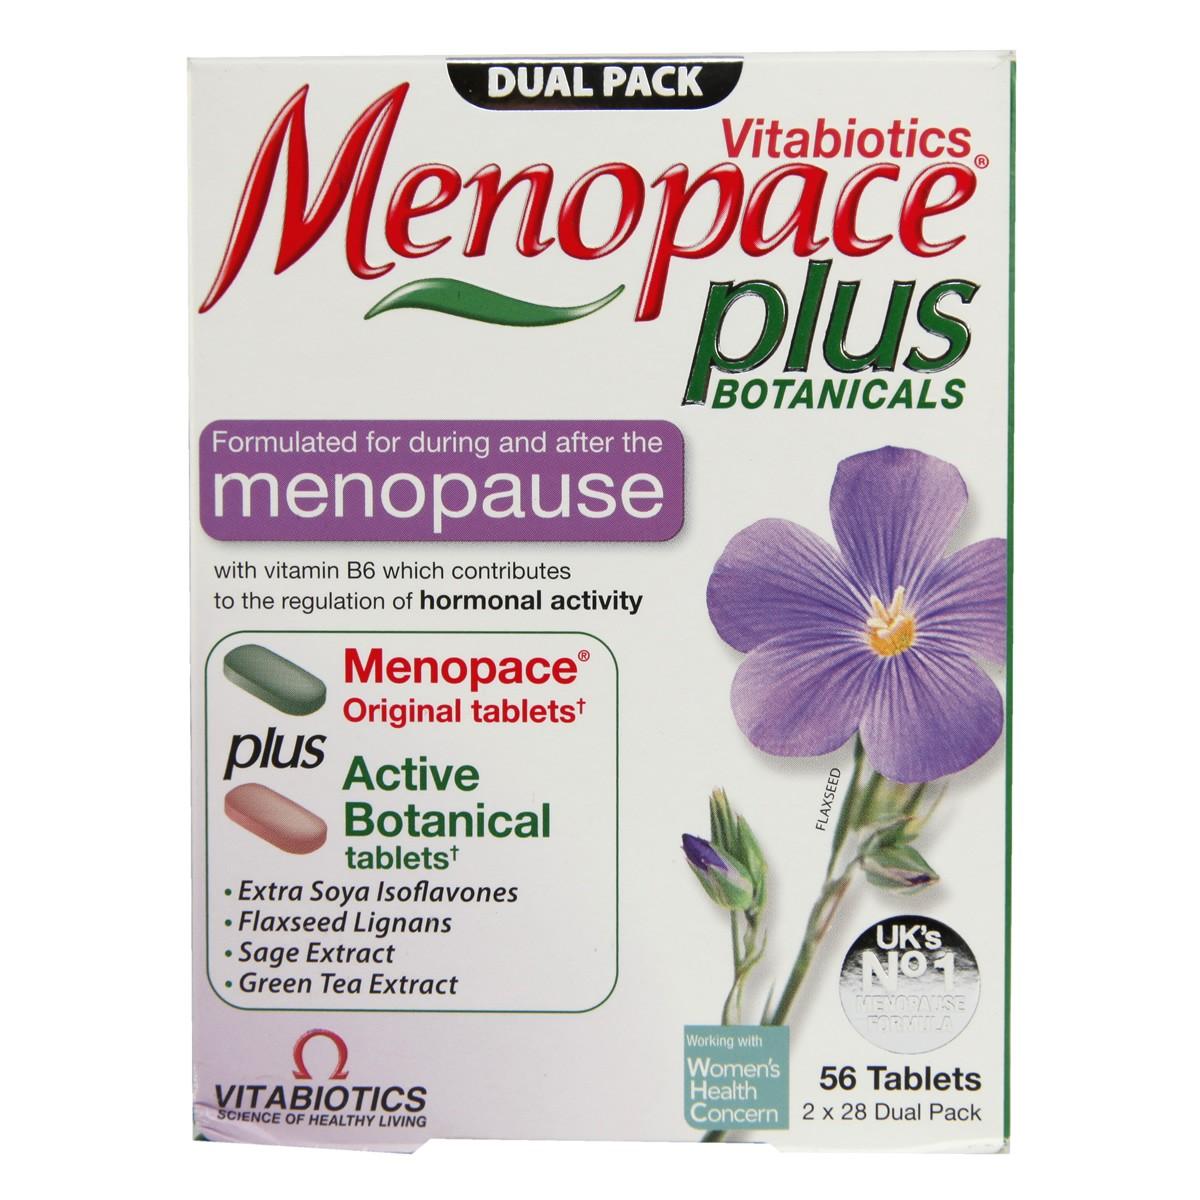 Vitabiotics Menopace Plus